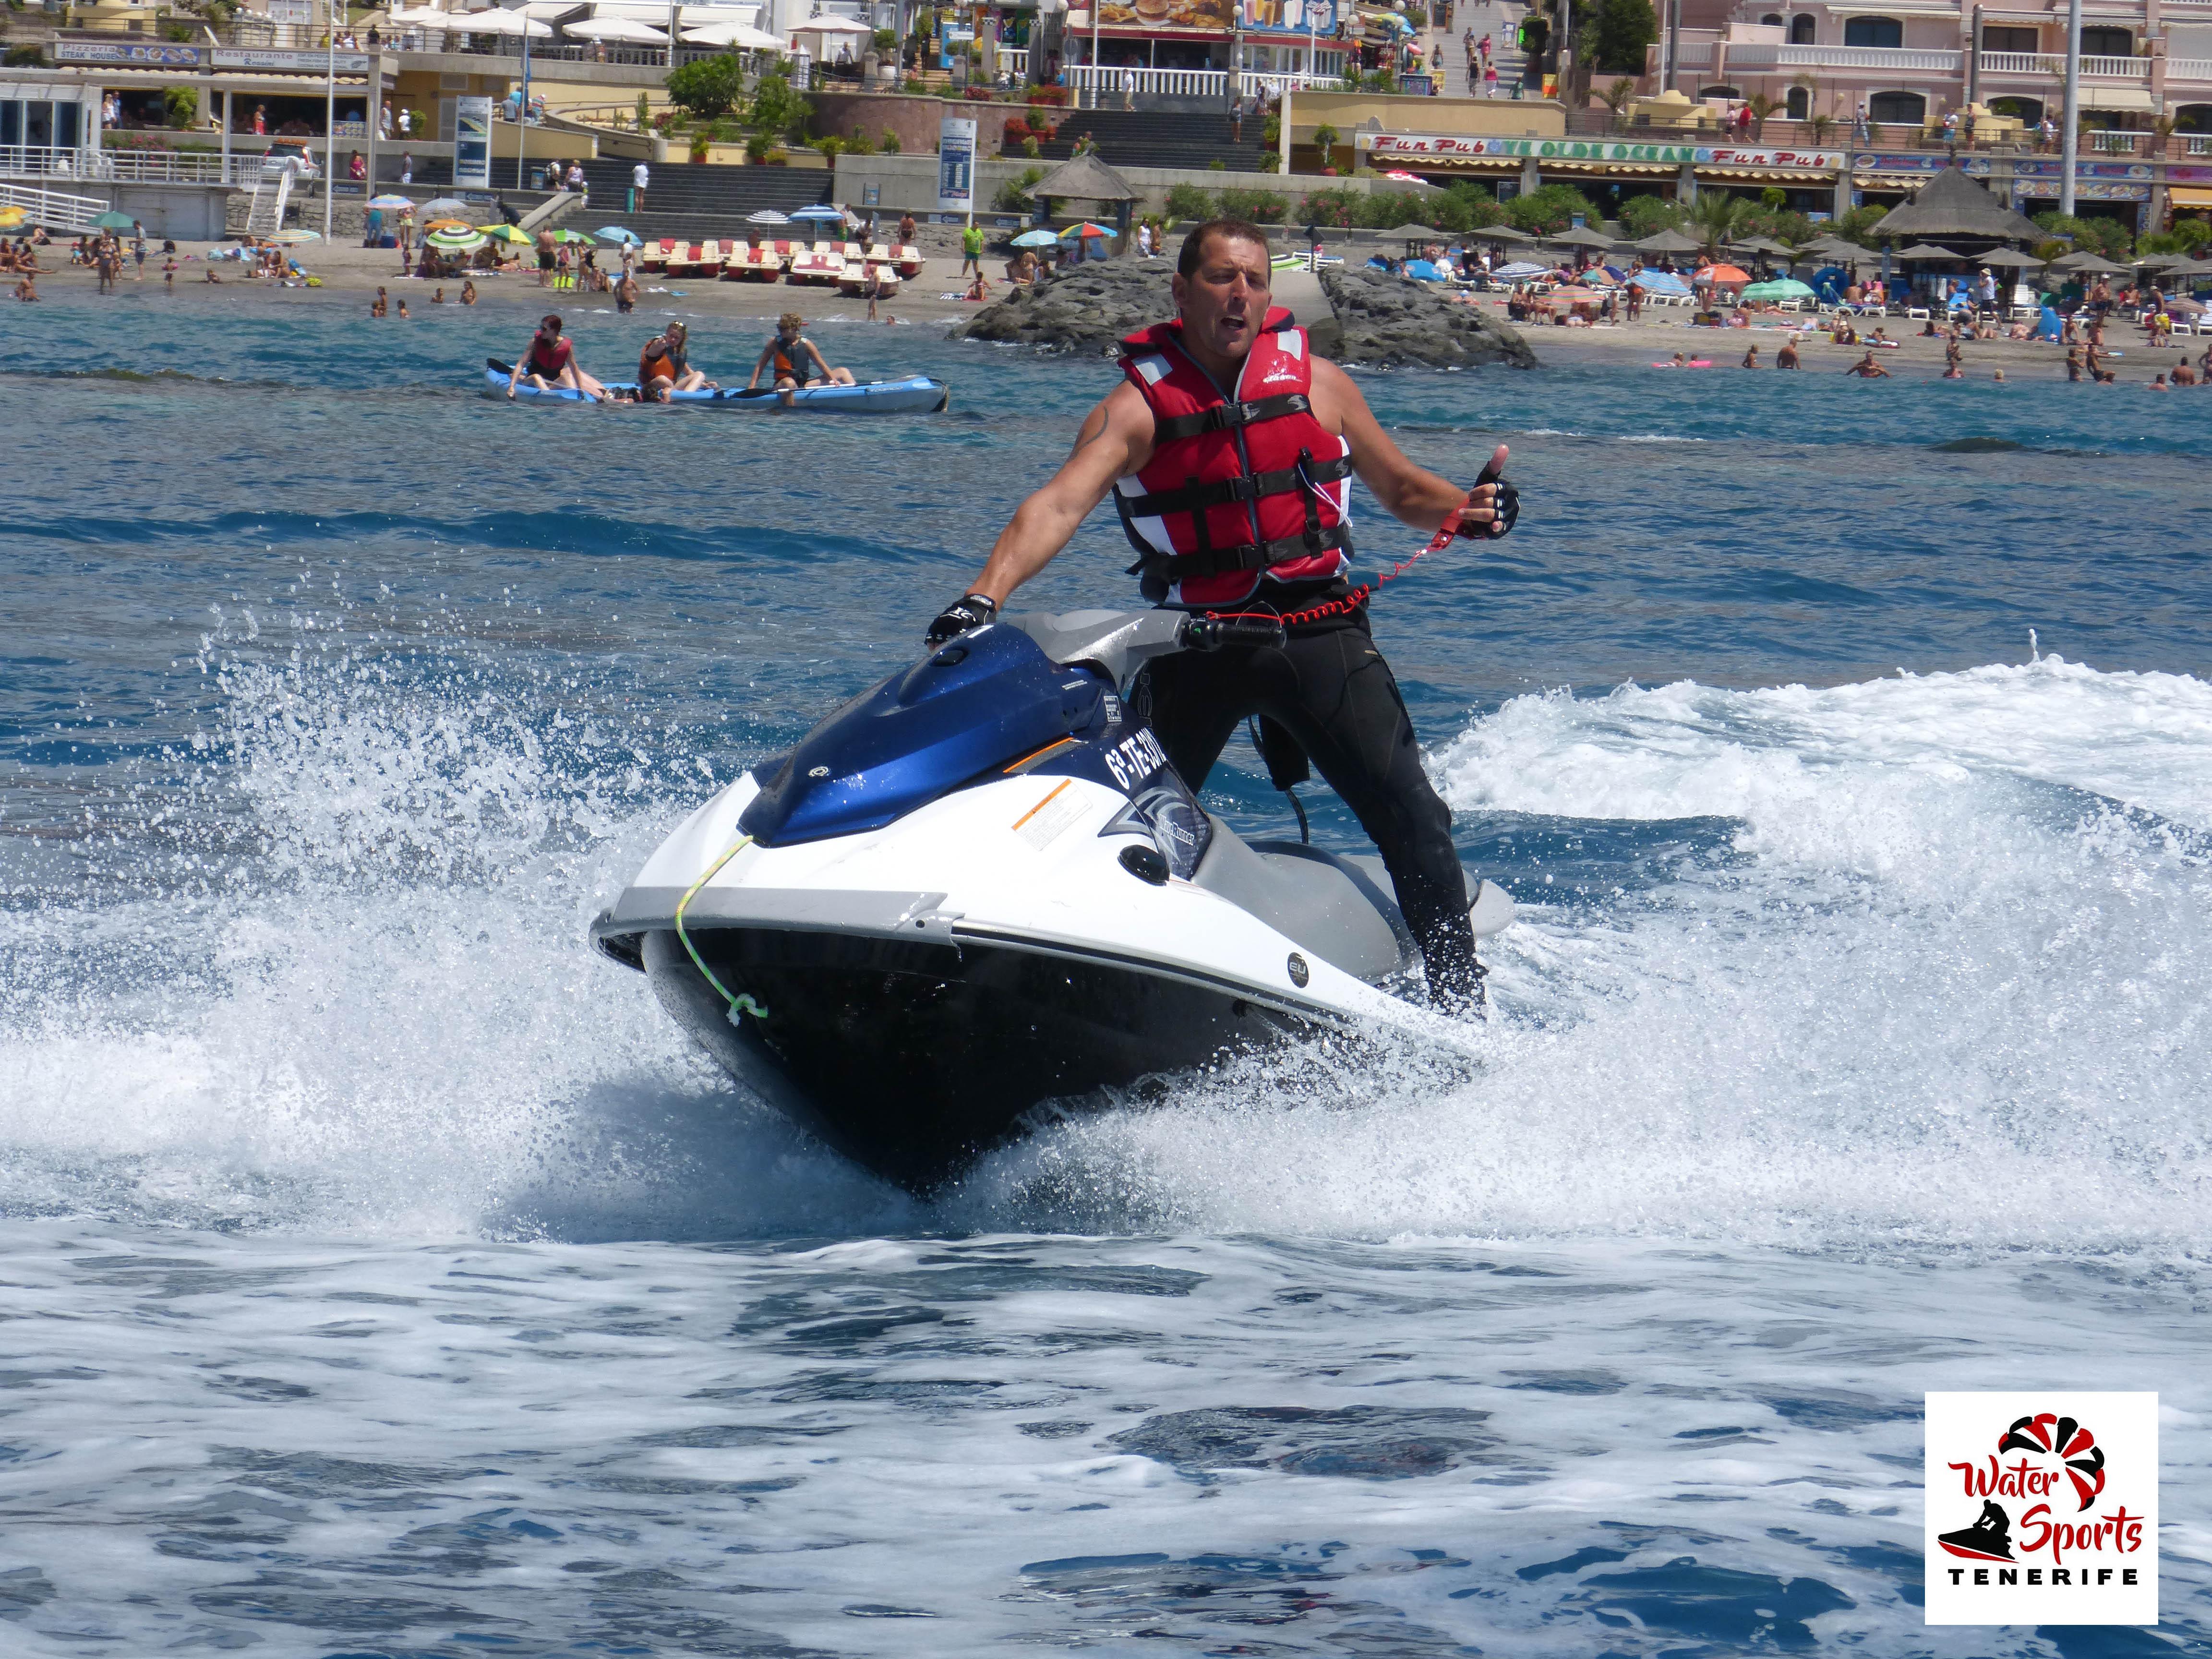 jet ski safari rent jet ski en tenerife sur islas canarias los cristianos las americas